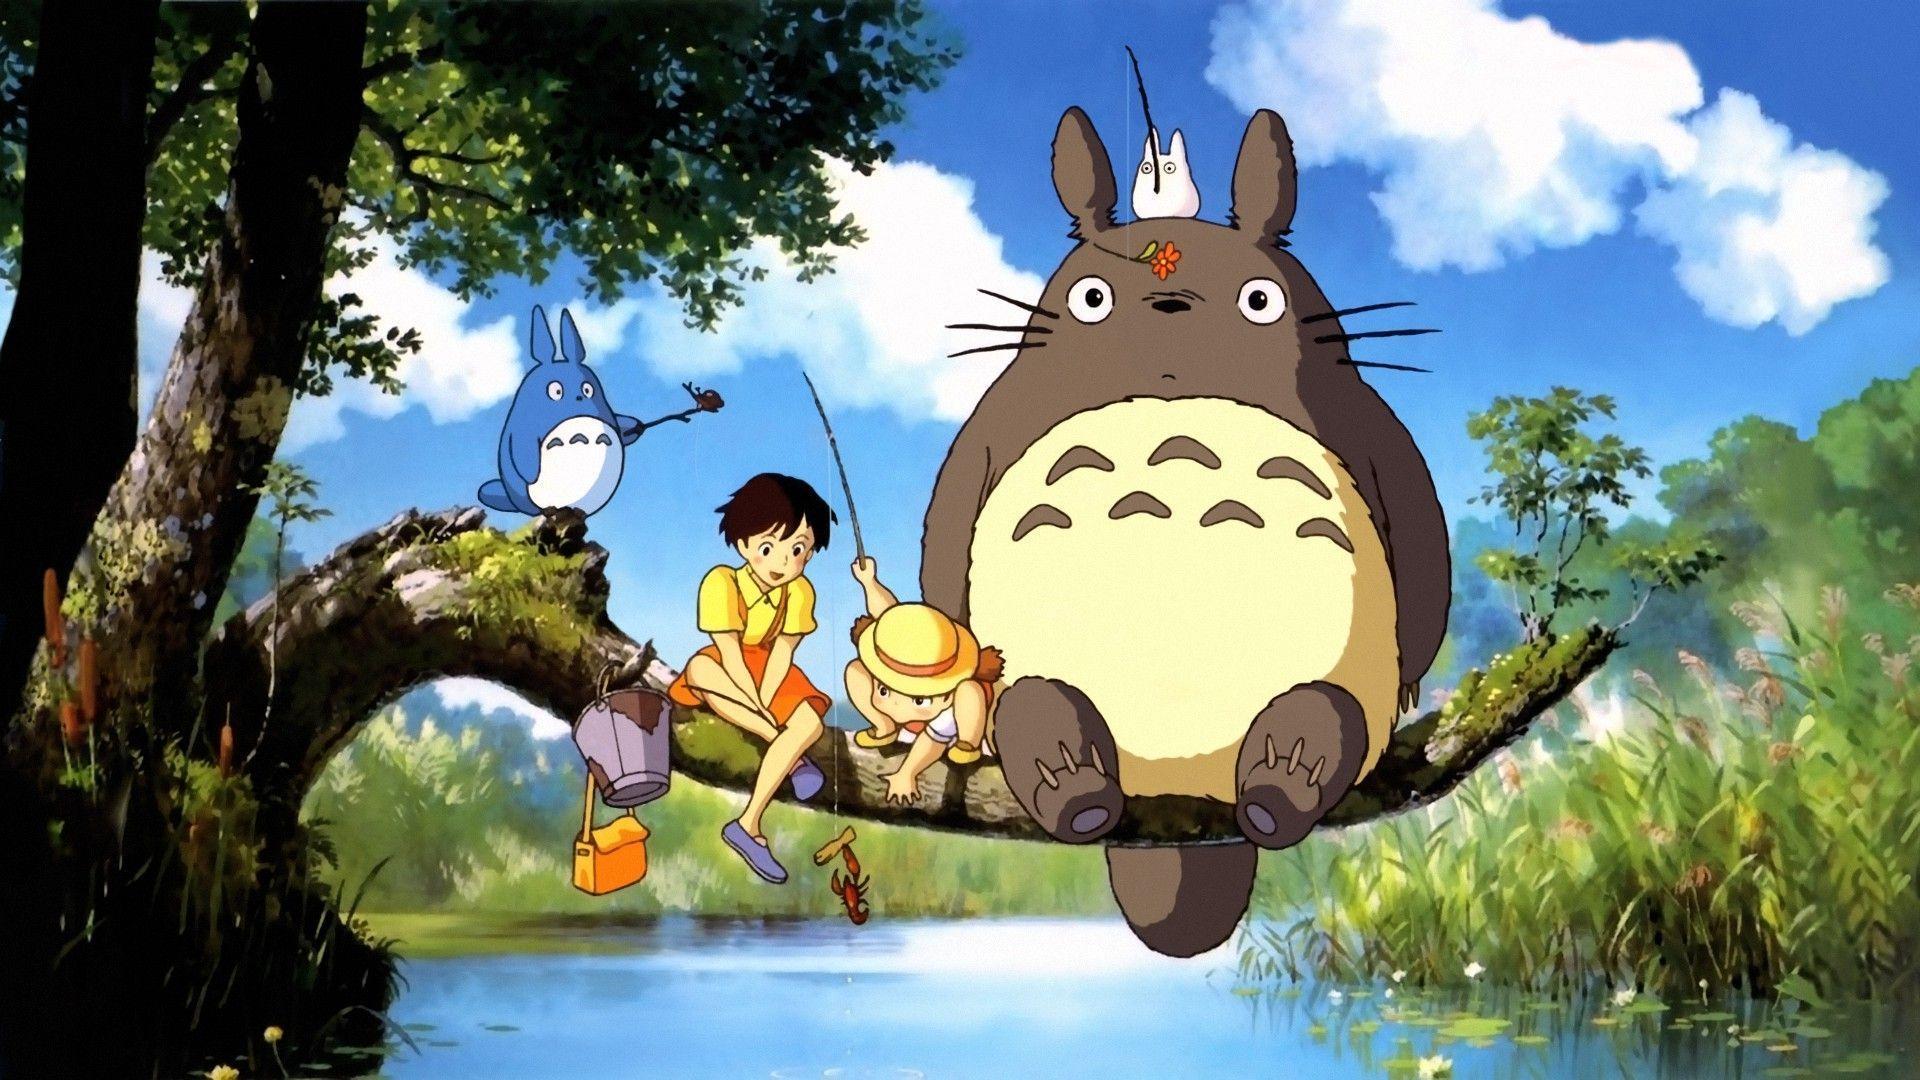 My Neighbor Totoro Wallpapers HD Download 1920x1080 Wallpaper 43